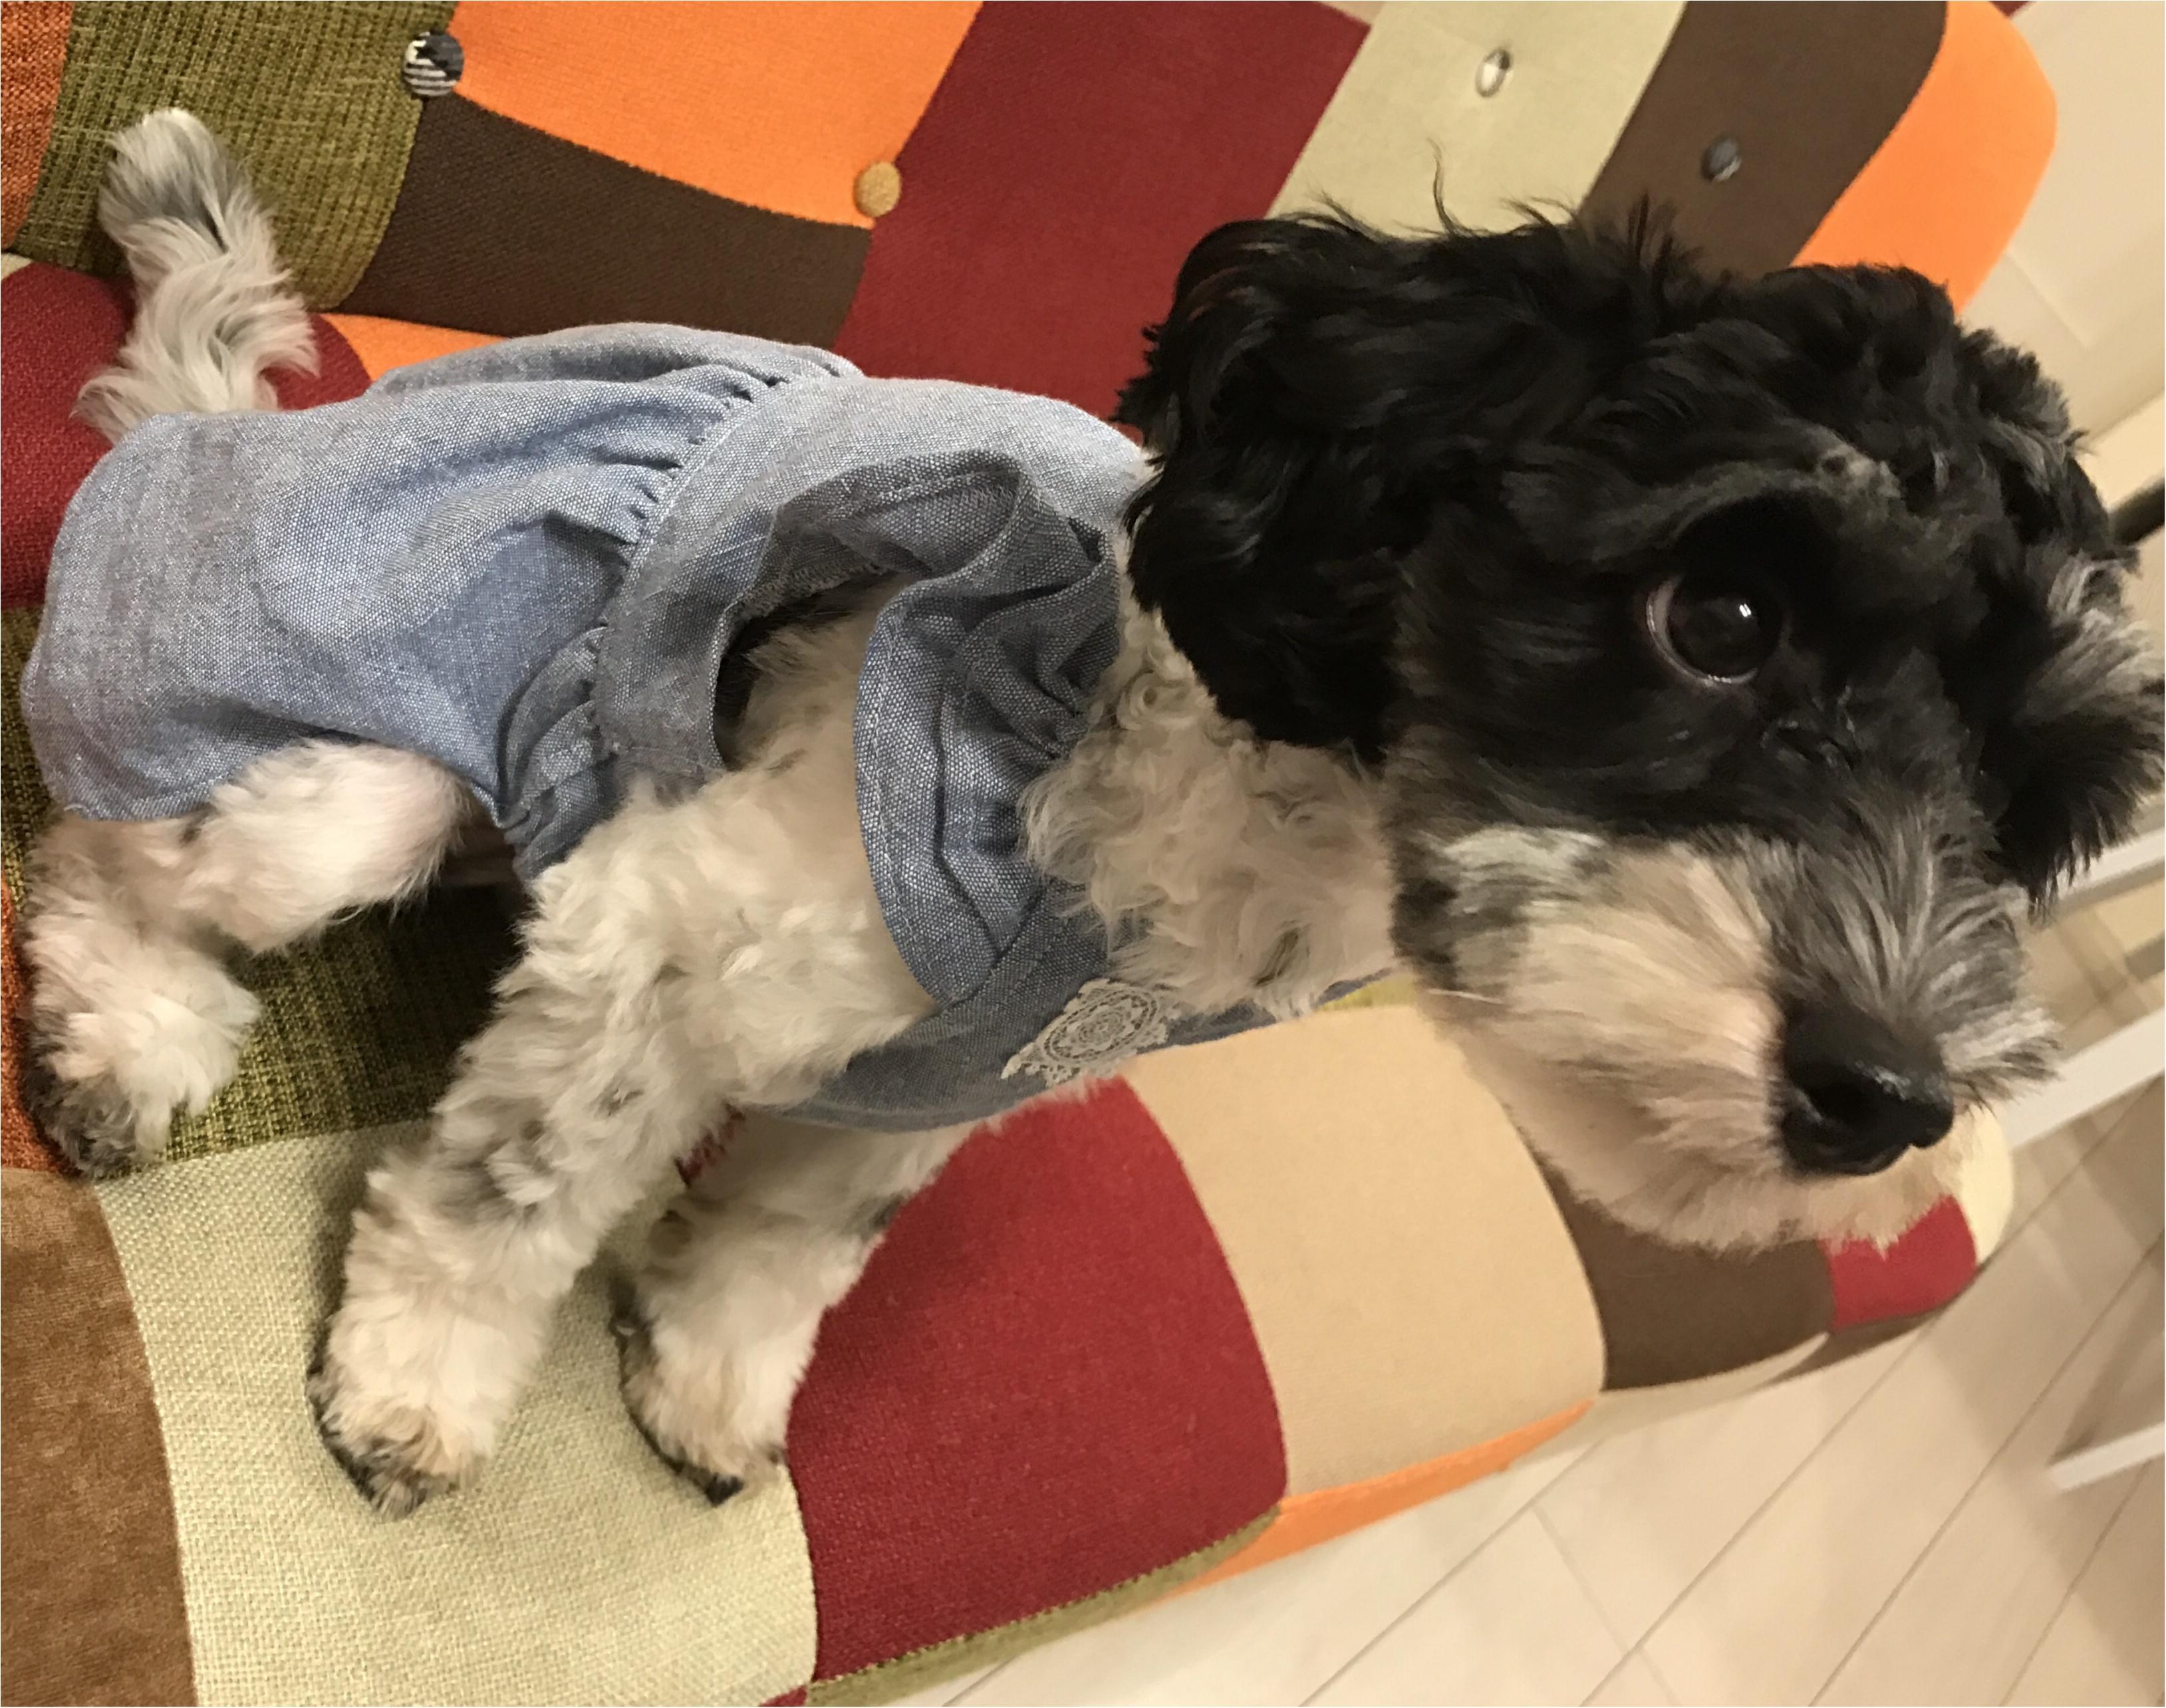 【コーデ】MHLのTシャツで白Tコーデ☆愛犬とカジュアルで動きやすい服装でマルシェに出店! _3